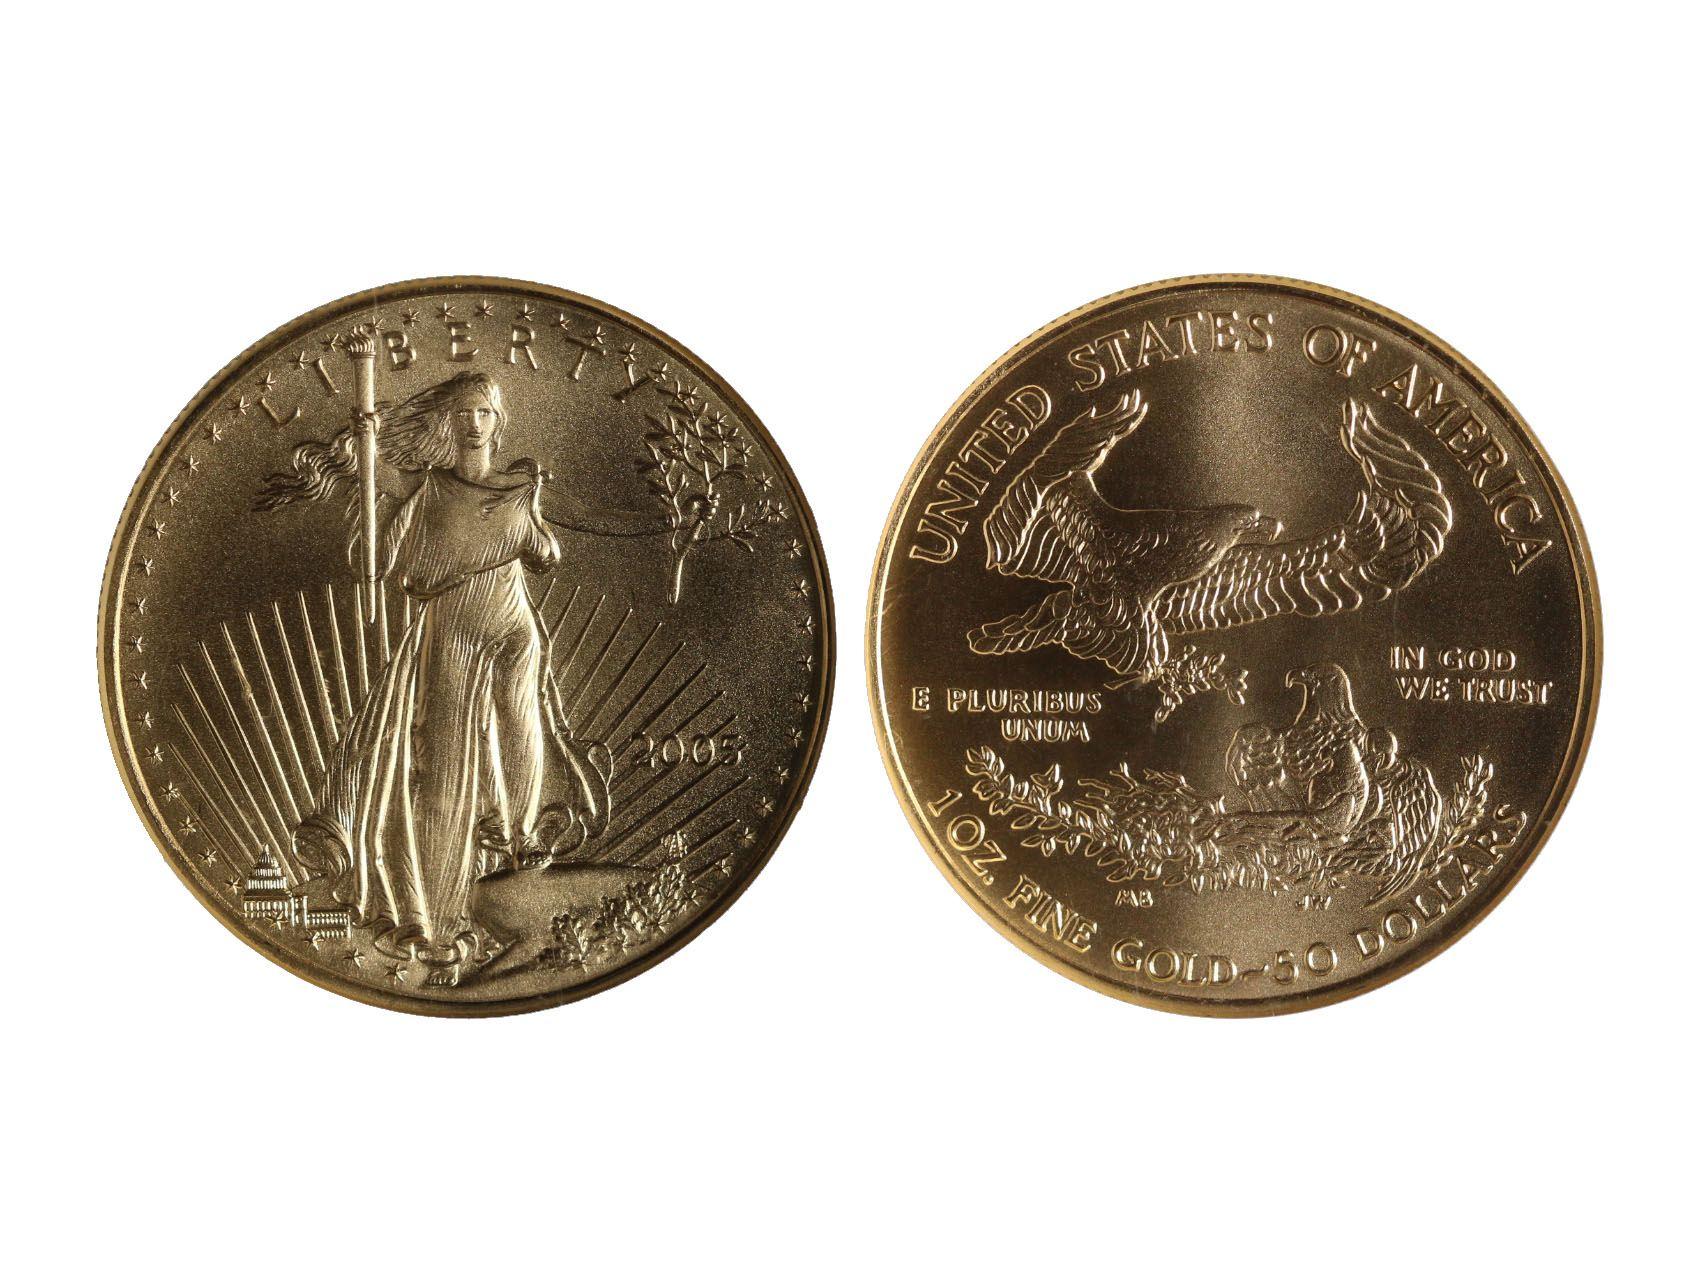 USA, 50 Dollar 2005 Liberty, Au 0,916, 33,93g, NGC - MS 70, KM 219